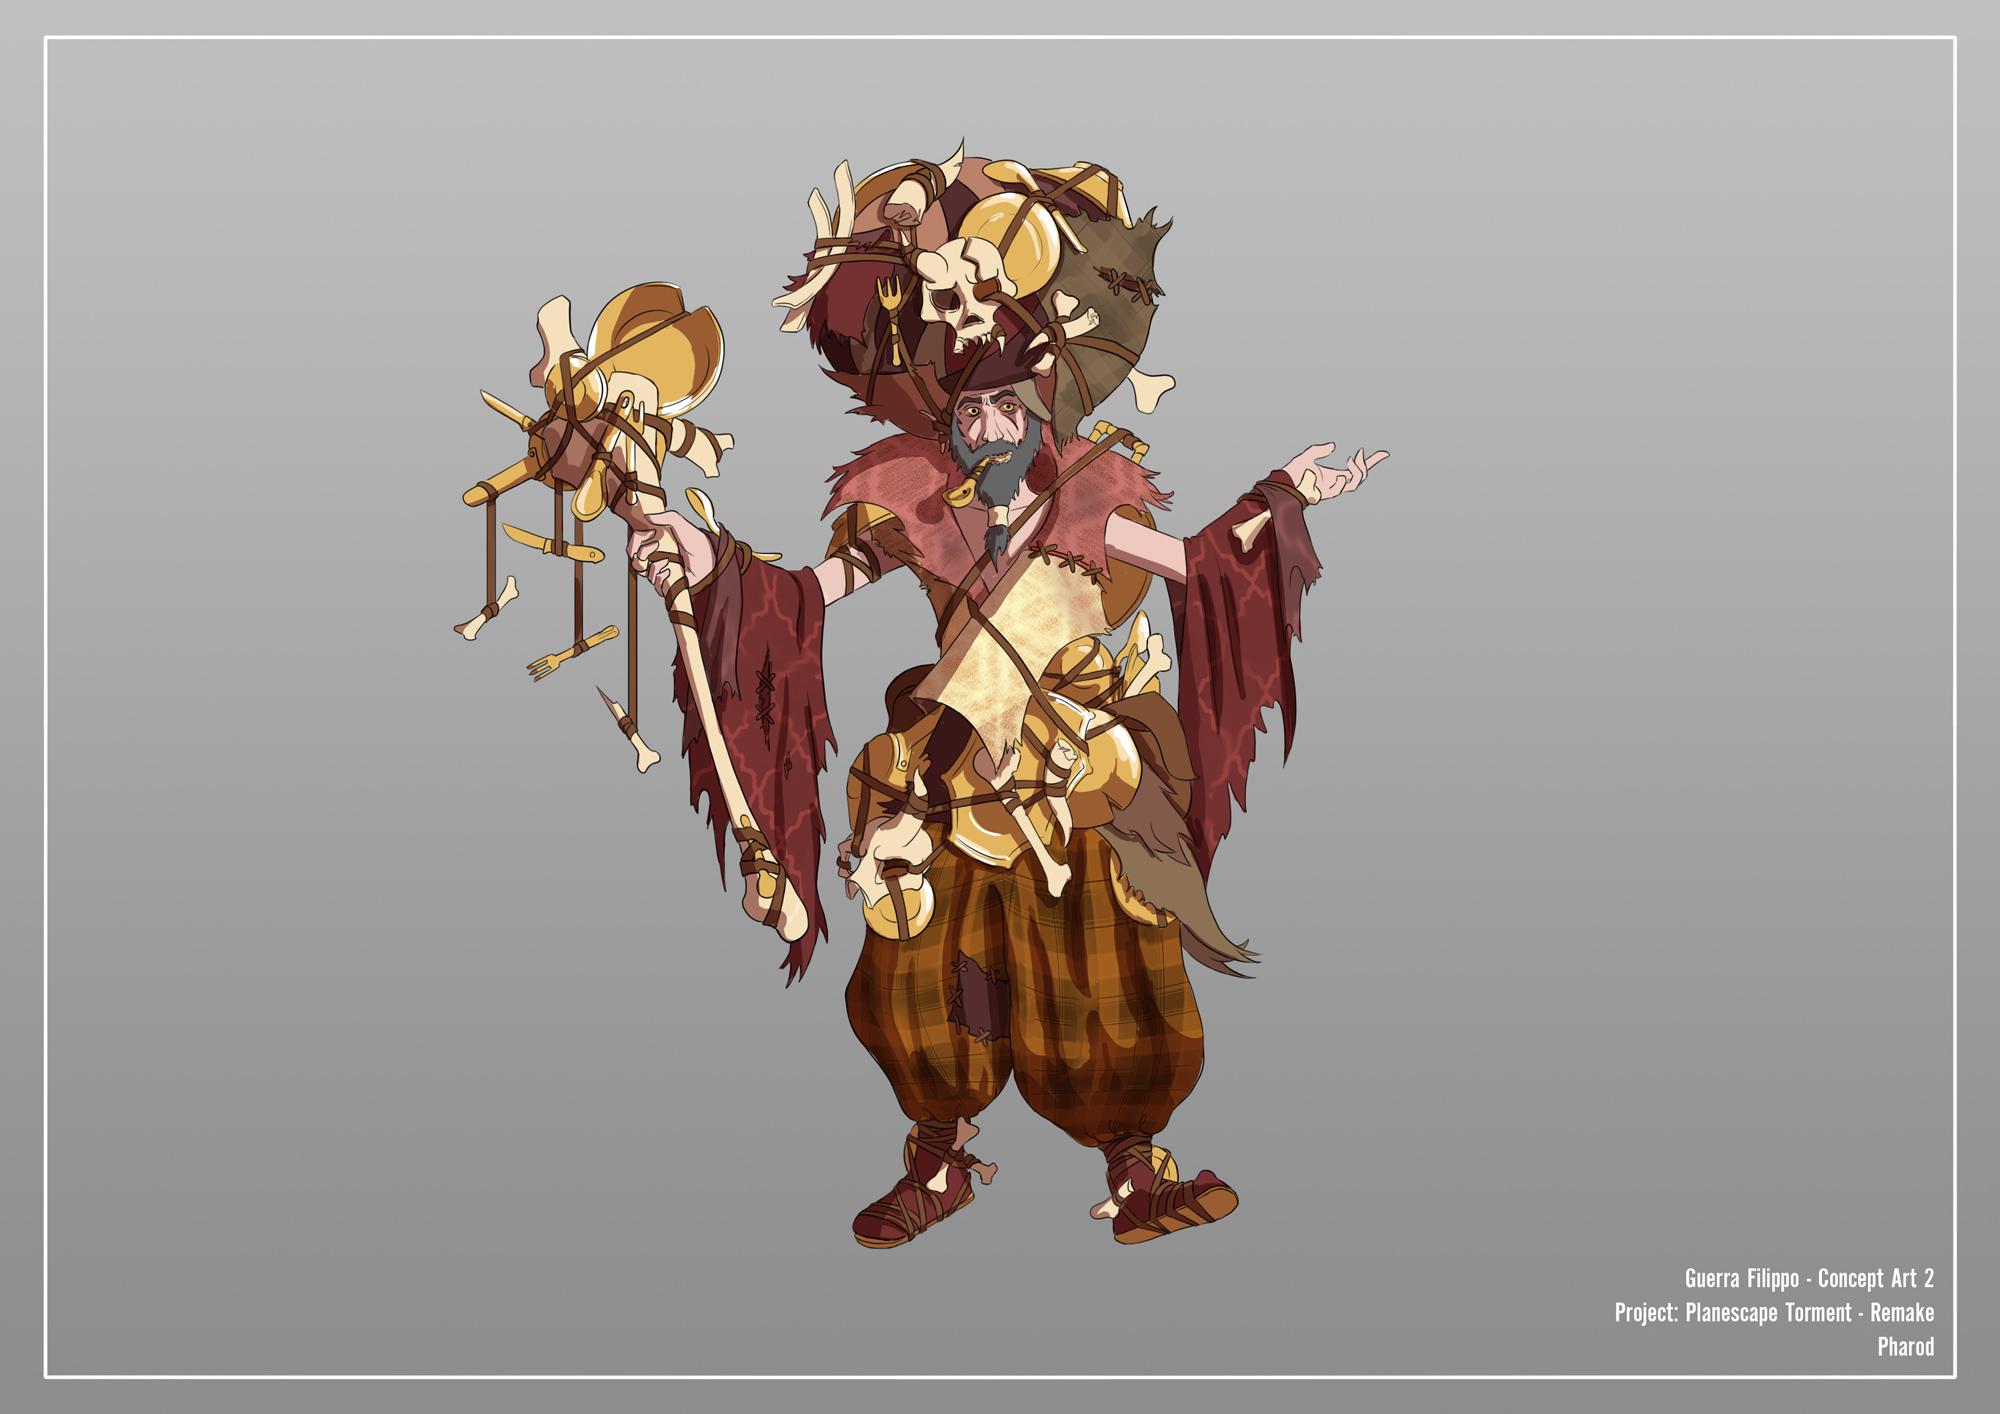 {$tags} Concept study personaggio, Pharod - by Filippo Guerra Planescape Torment Redesign Project (2020) © Scuola Internazionale di Comics Torino e dell'autore, tutti i diritti riservati